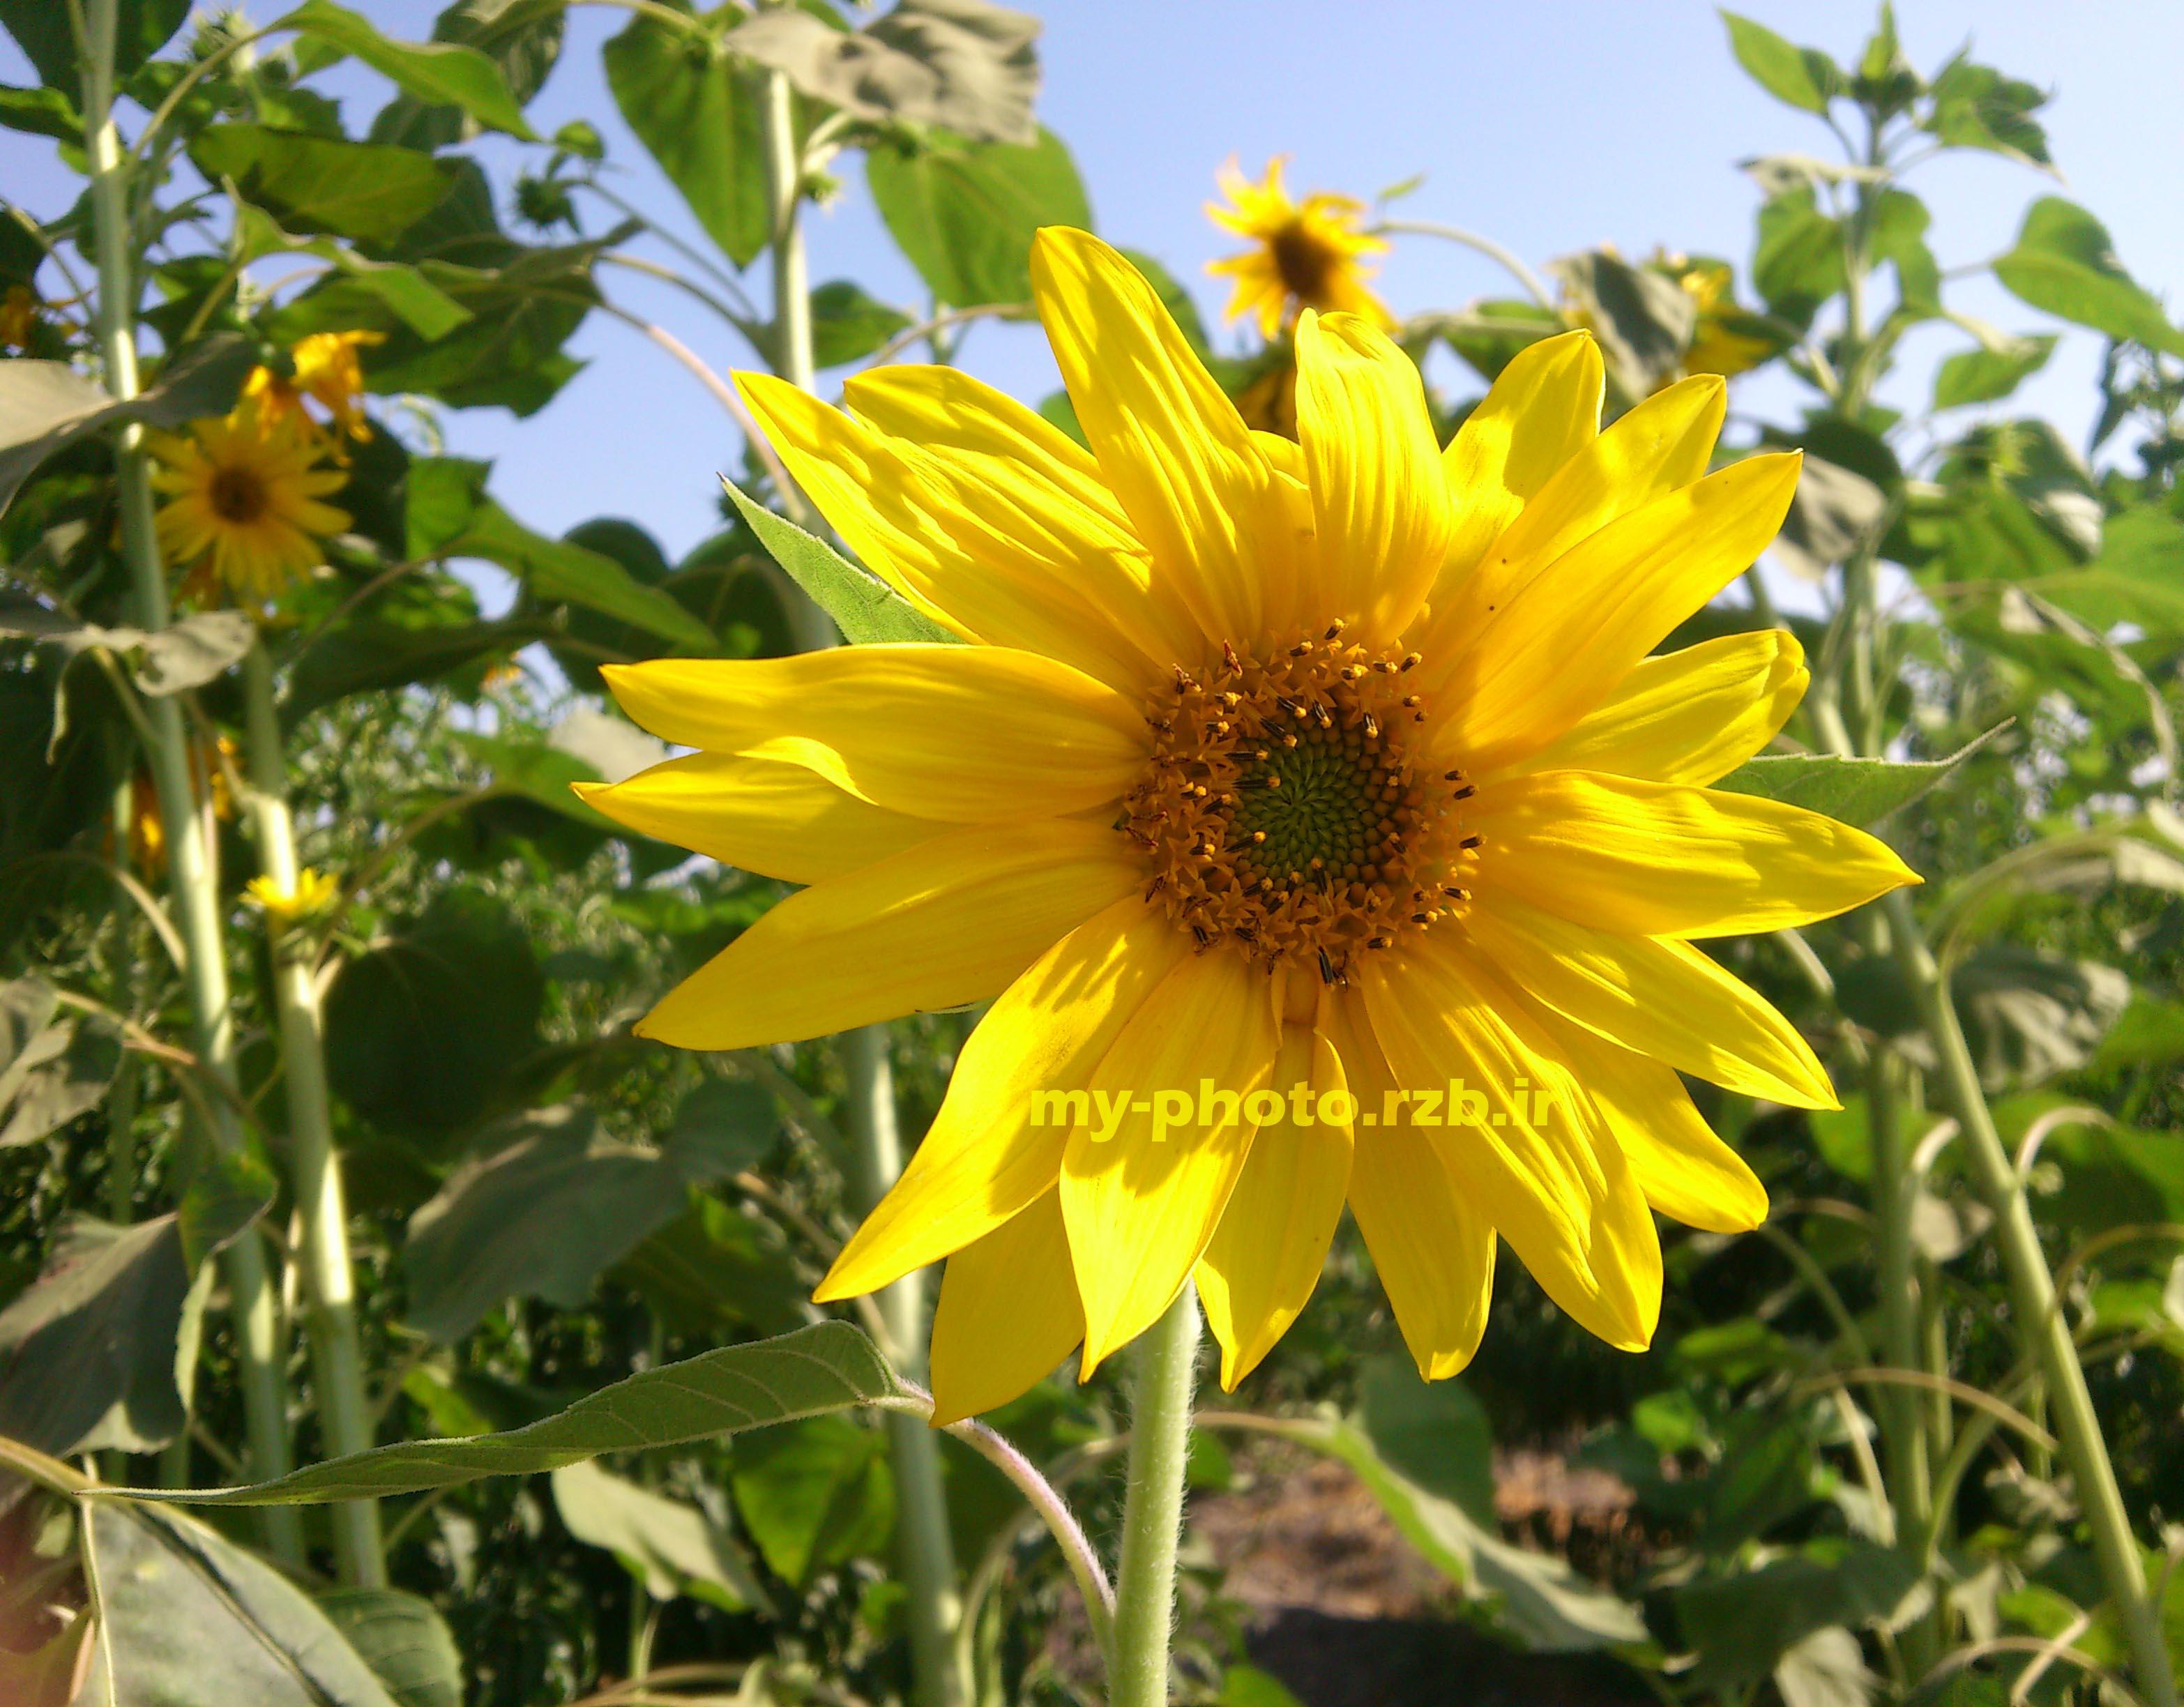 عکس11:«گل آفتابگردان»